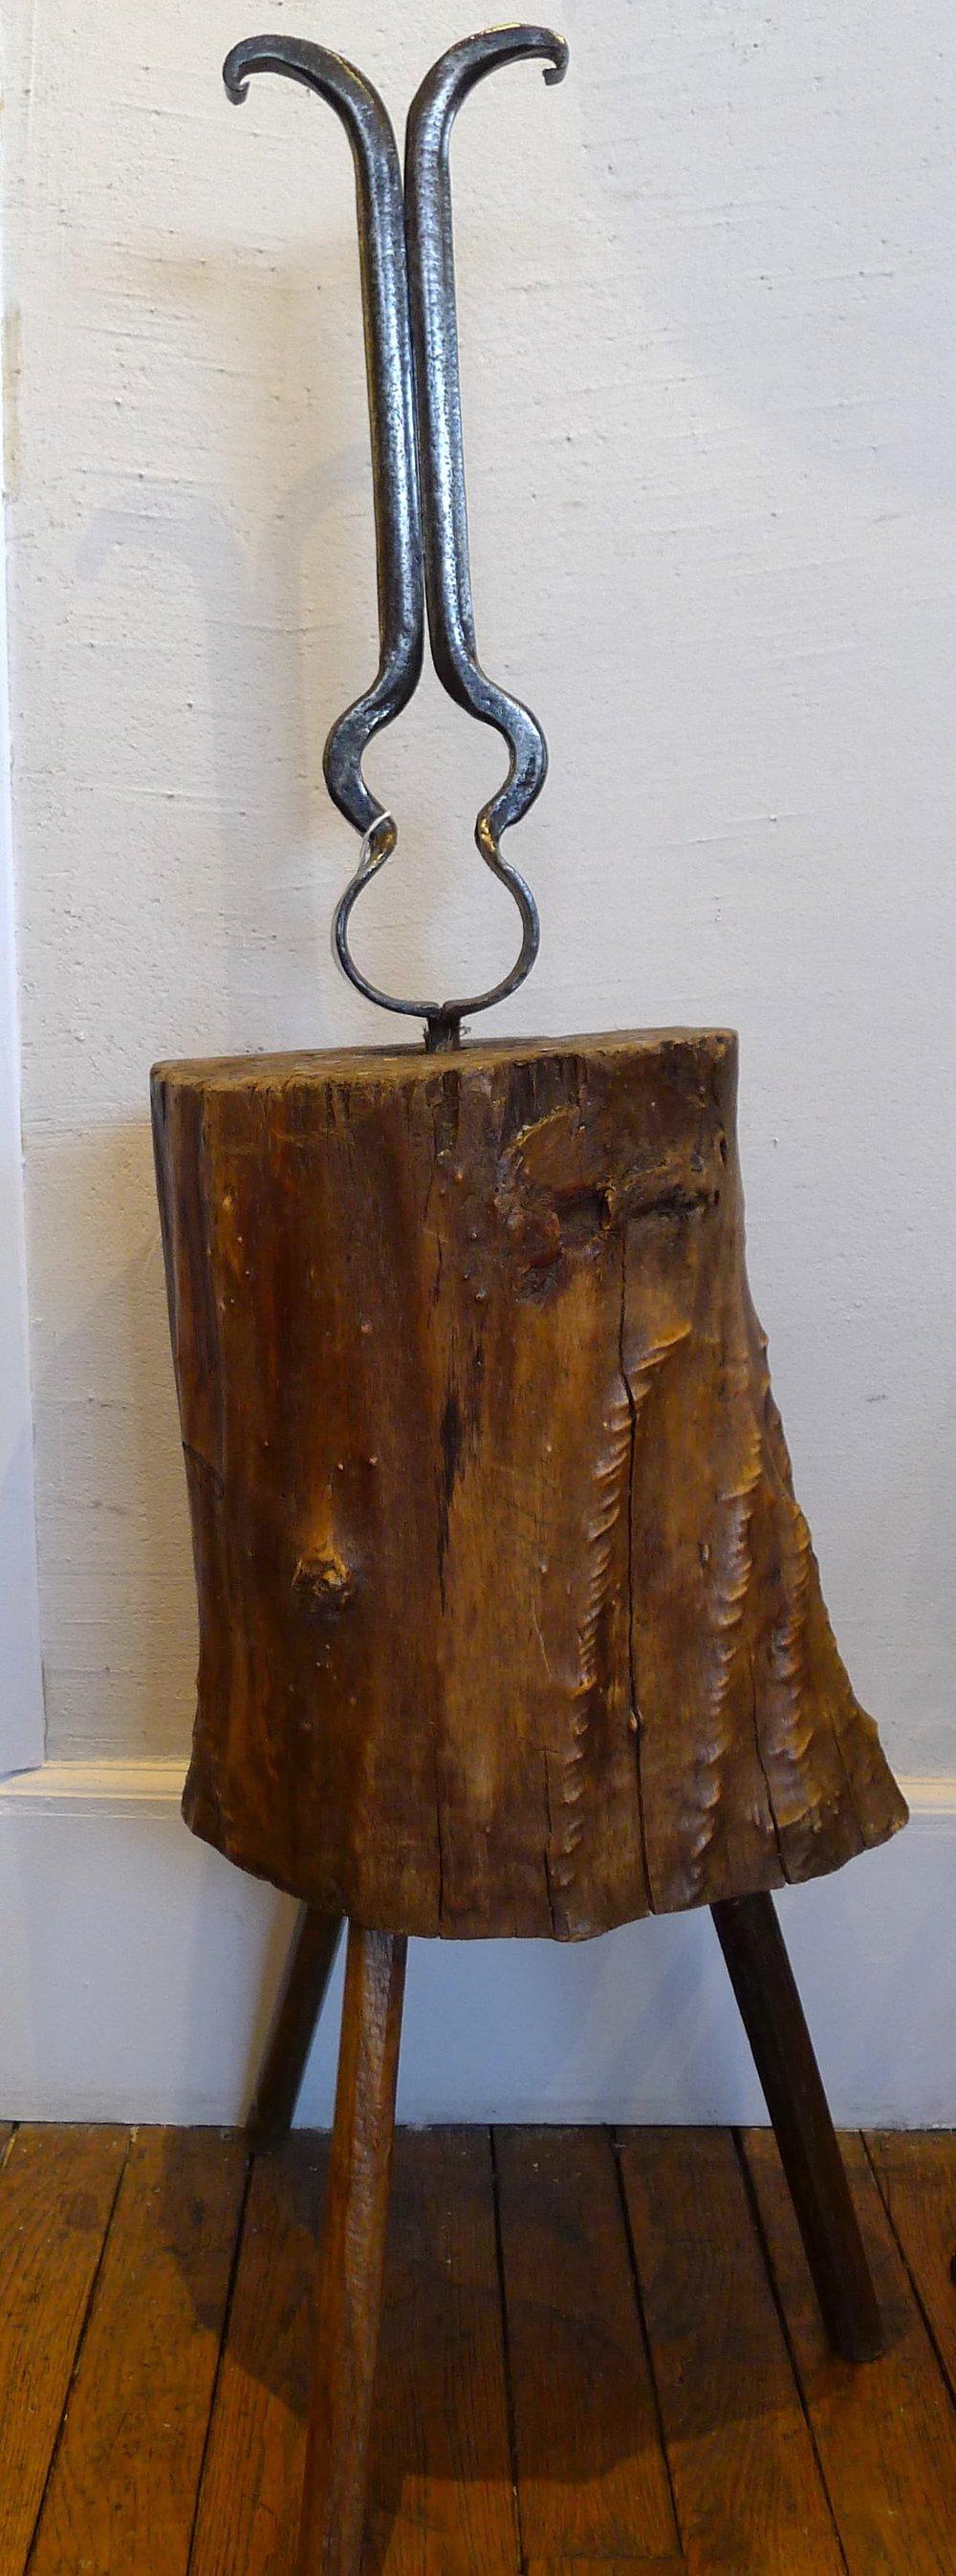 Ecorçoir de vannier sur socle. - FranceBois et fer, 19ème..Outils à 2 lames parallèles entre lesquelles passe le brin d'osier afin d'arracher uniformément l'écorce.H:112cm, Diam 30.(IX.0)